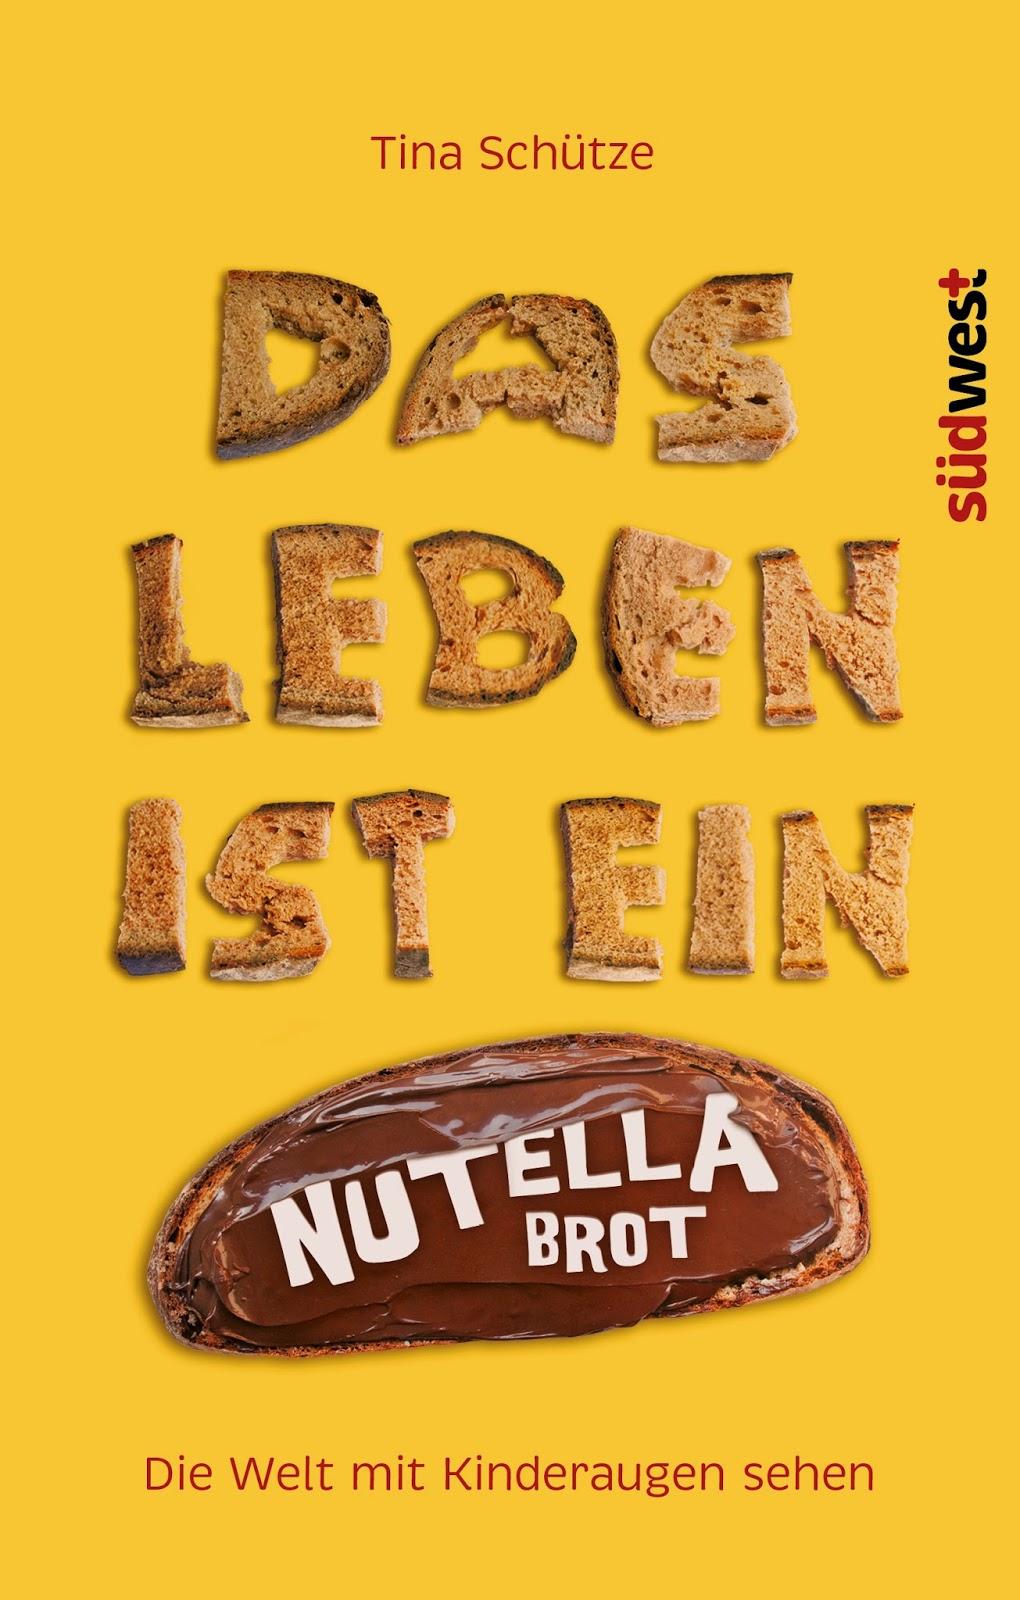 Buchtipp: Das Leben ist kein Nutellabrot